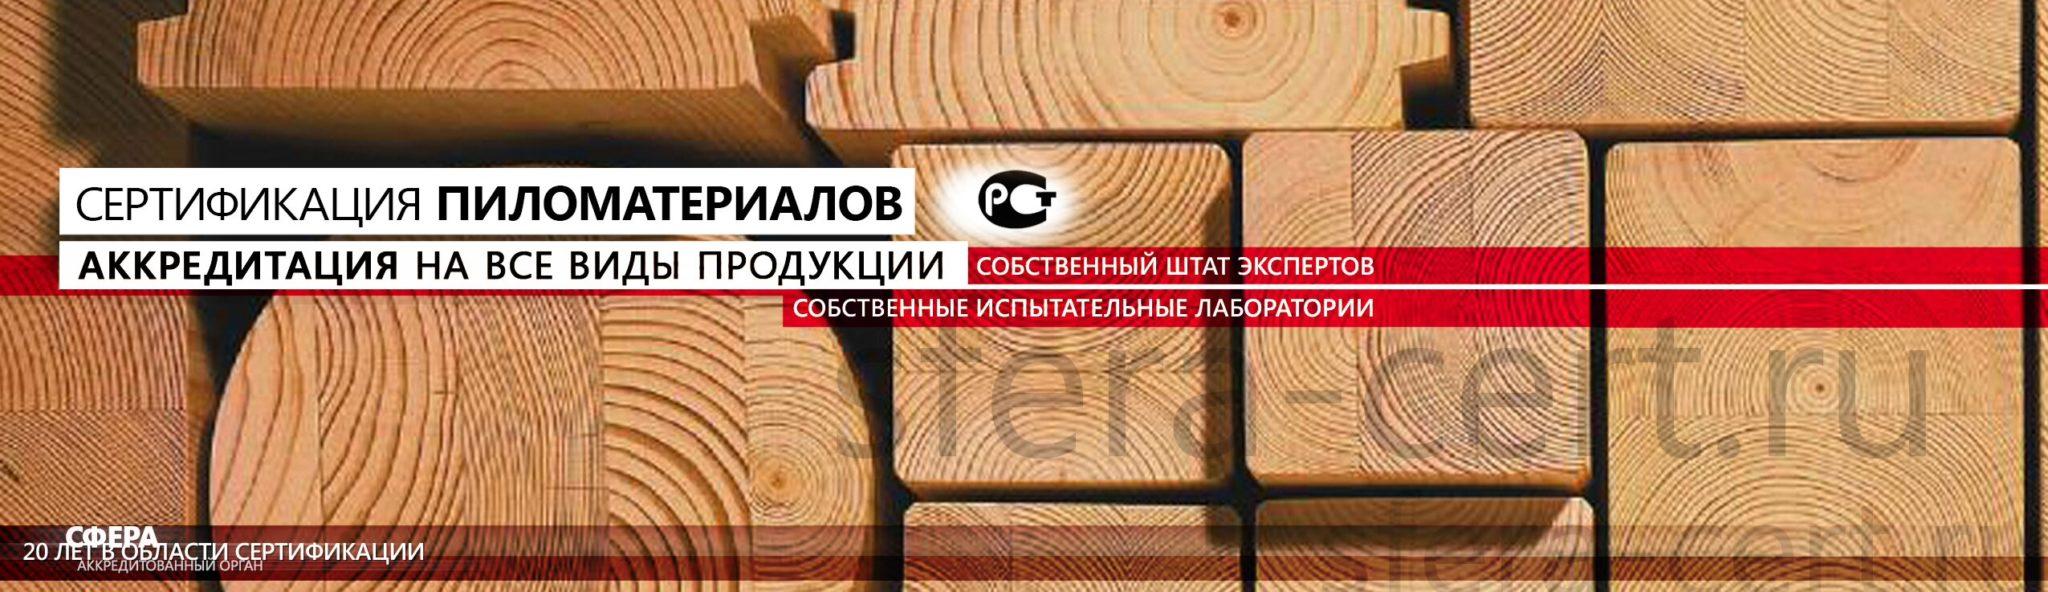 Сертификация пиломатериалов баннер